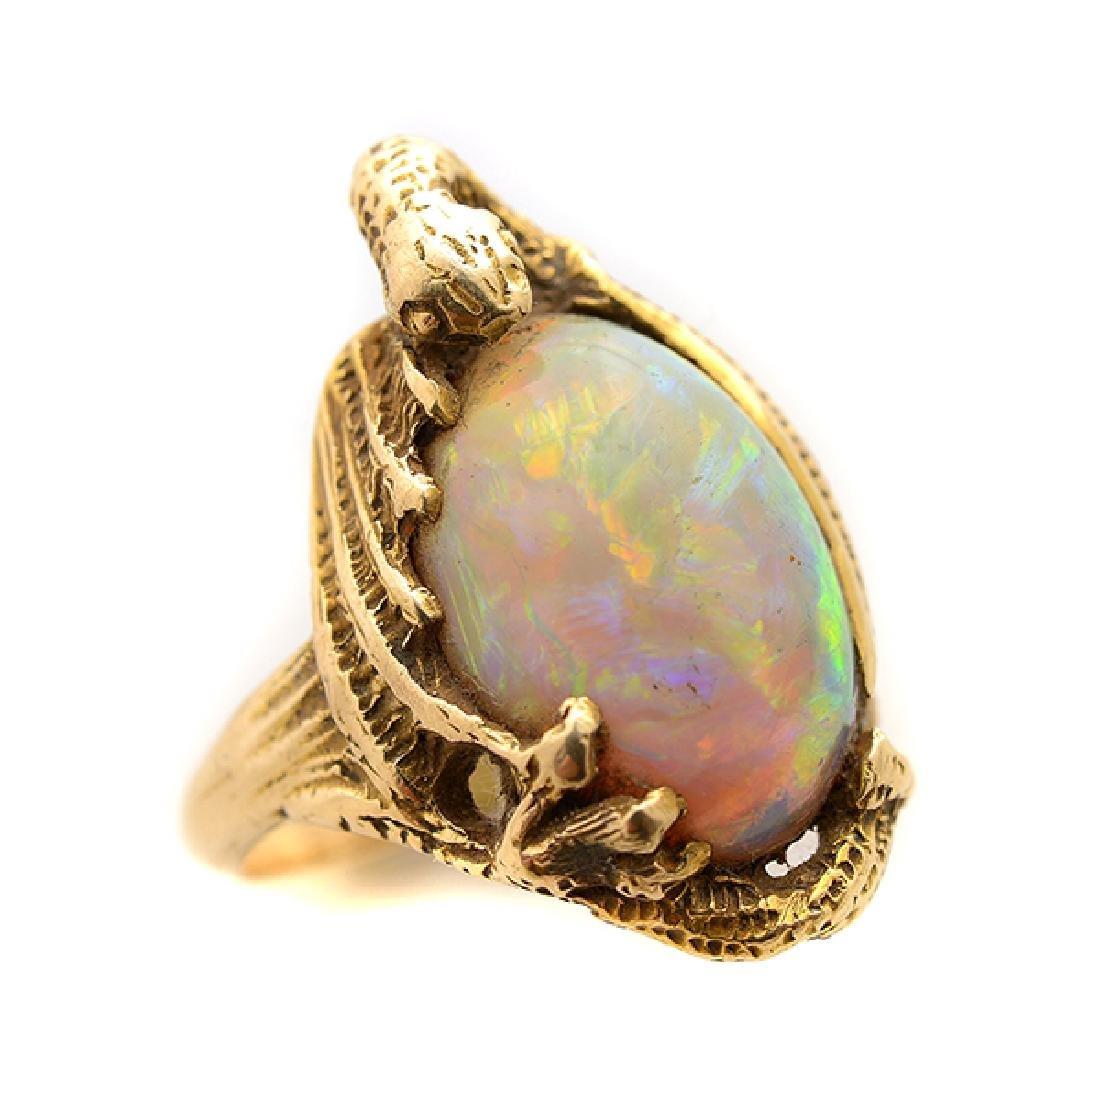 Walton & Co. Art Nouveau Opal, 14k Yellow Gold Ring.